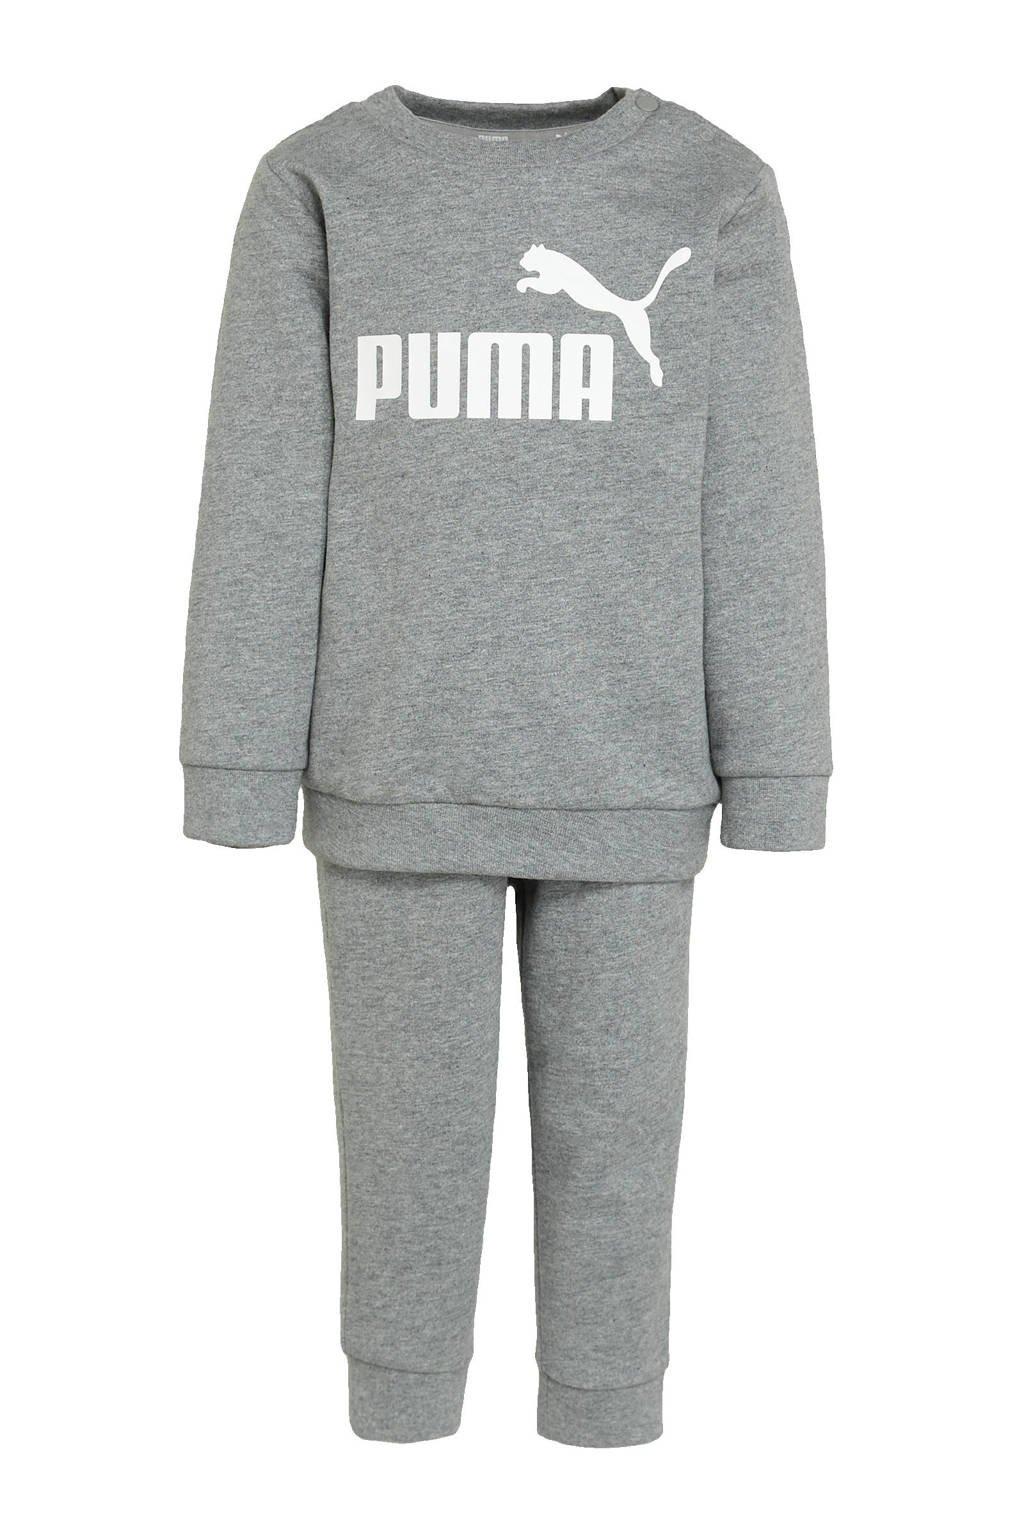 Puma joggingpak grijs, Grijs melange